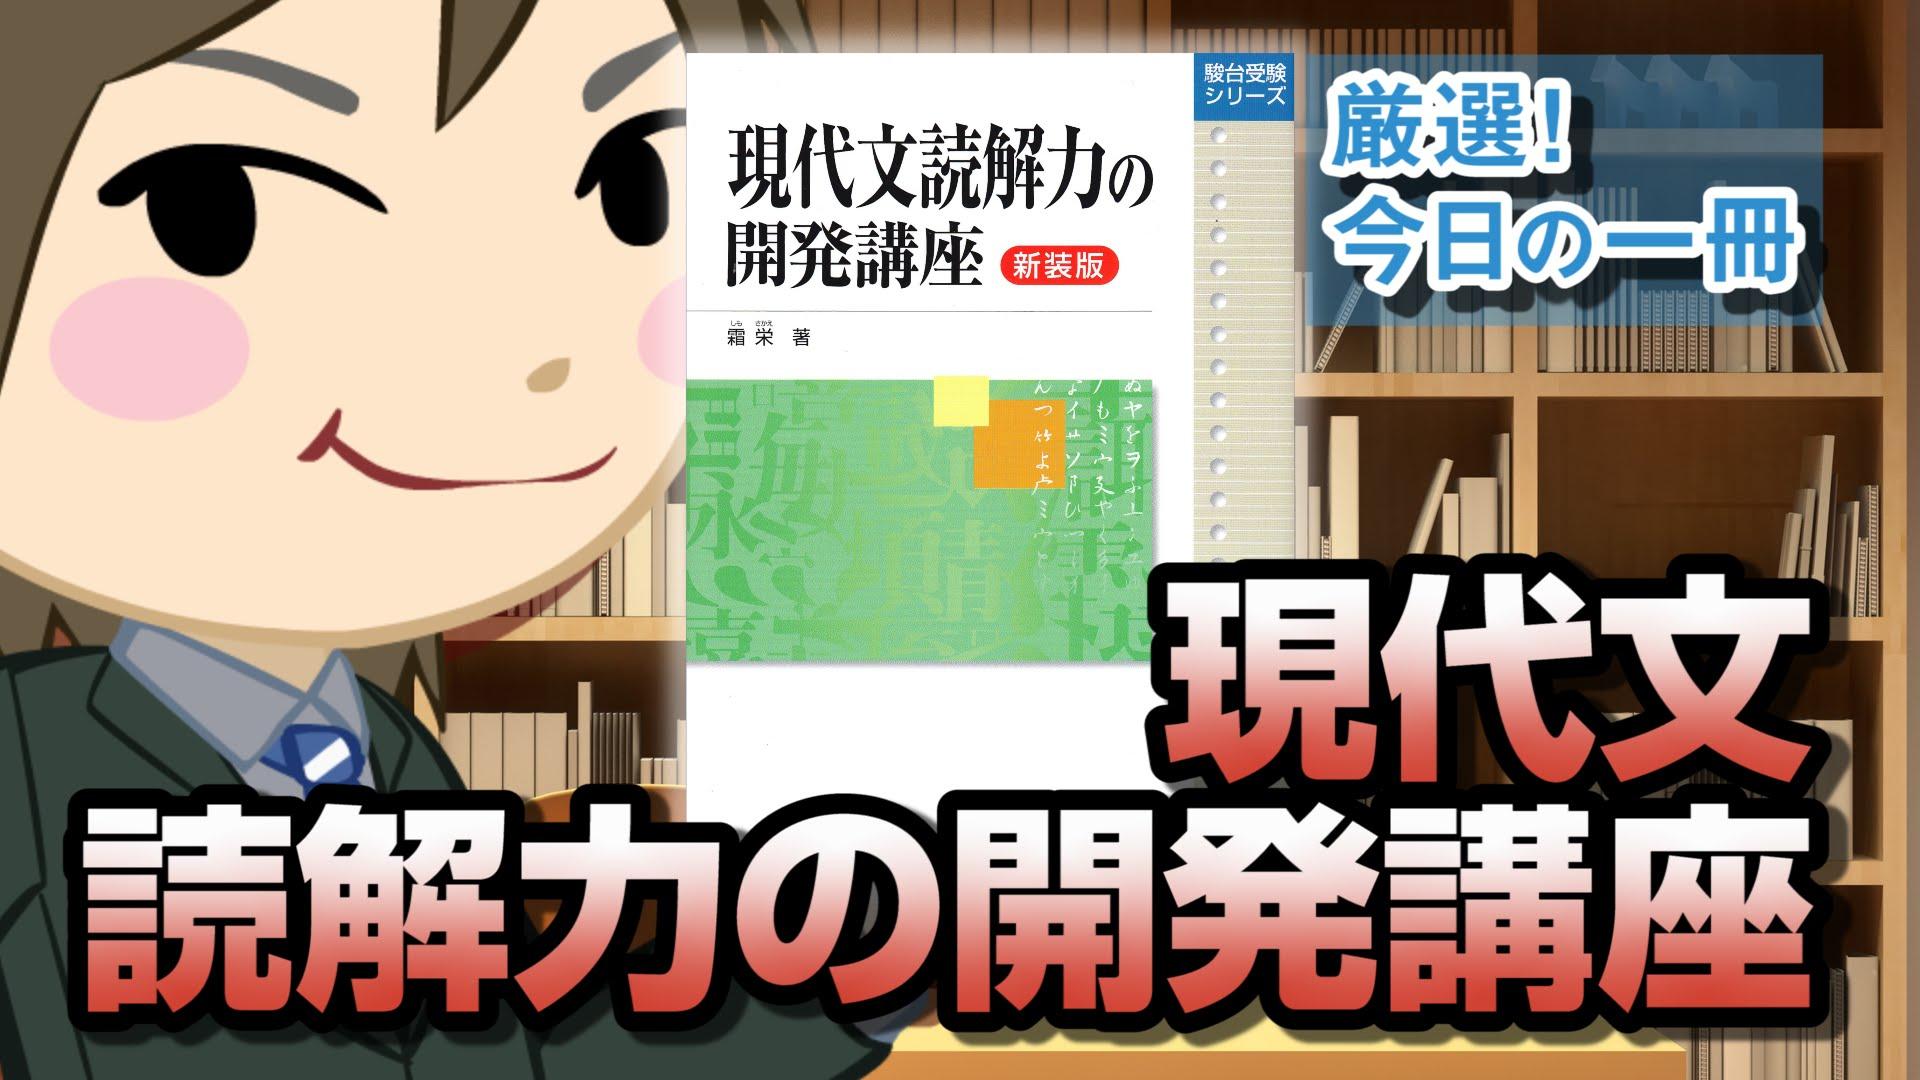 現代文読解力の開発講座 |武田塾厳選!今日の一冊